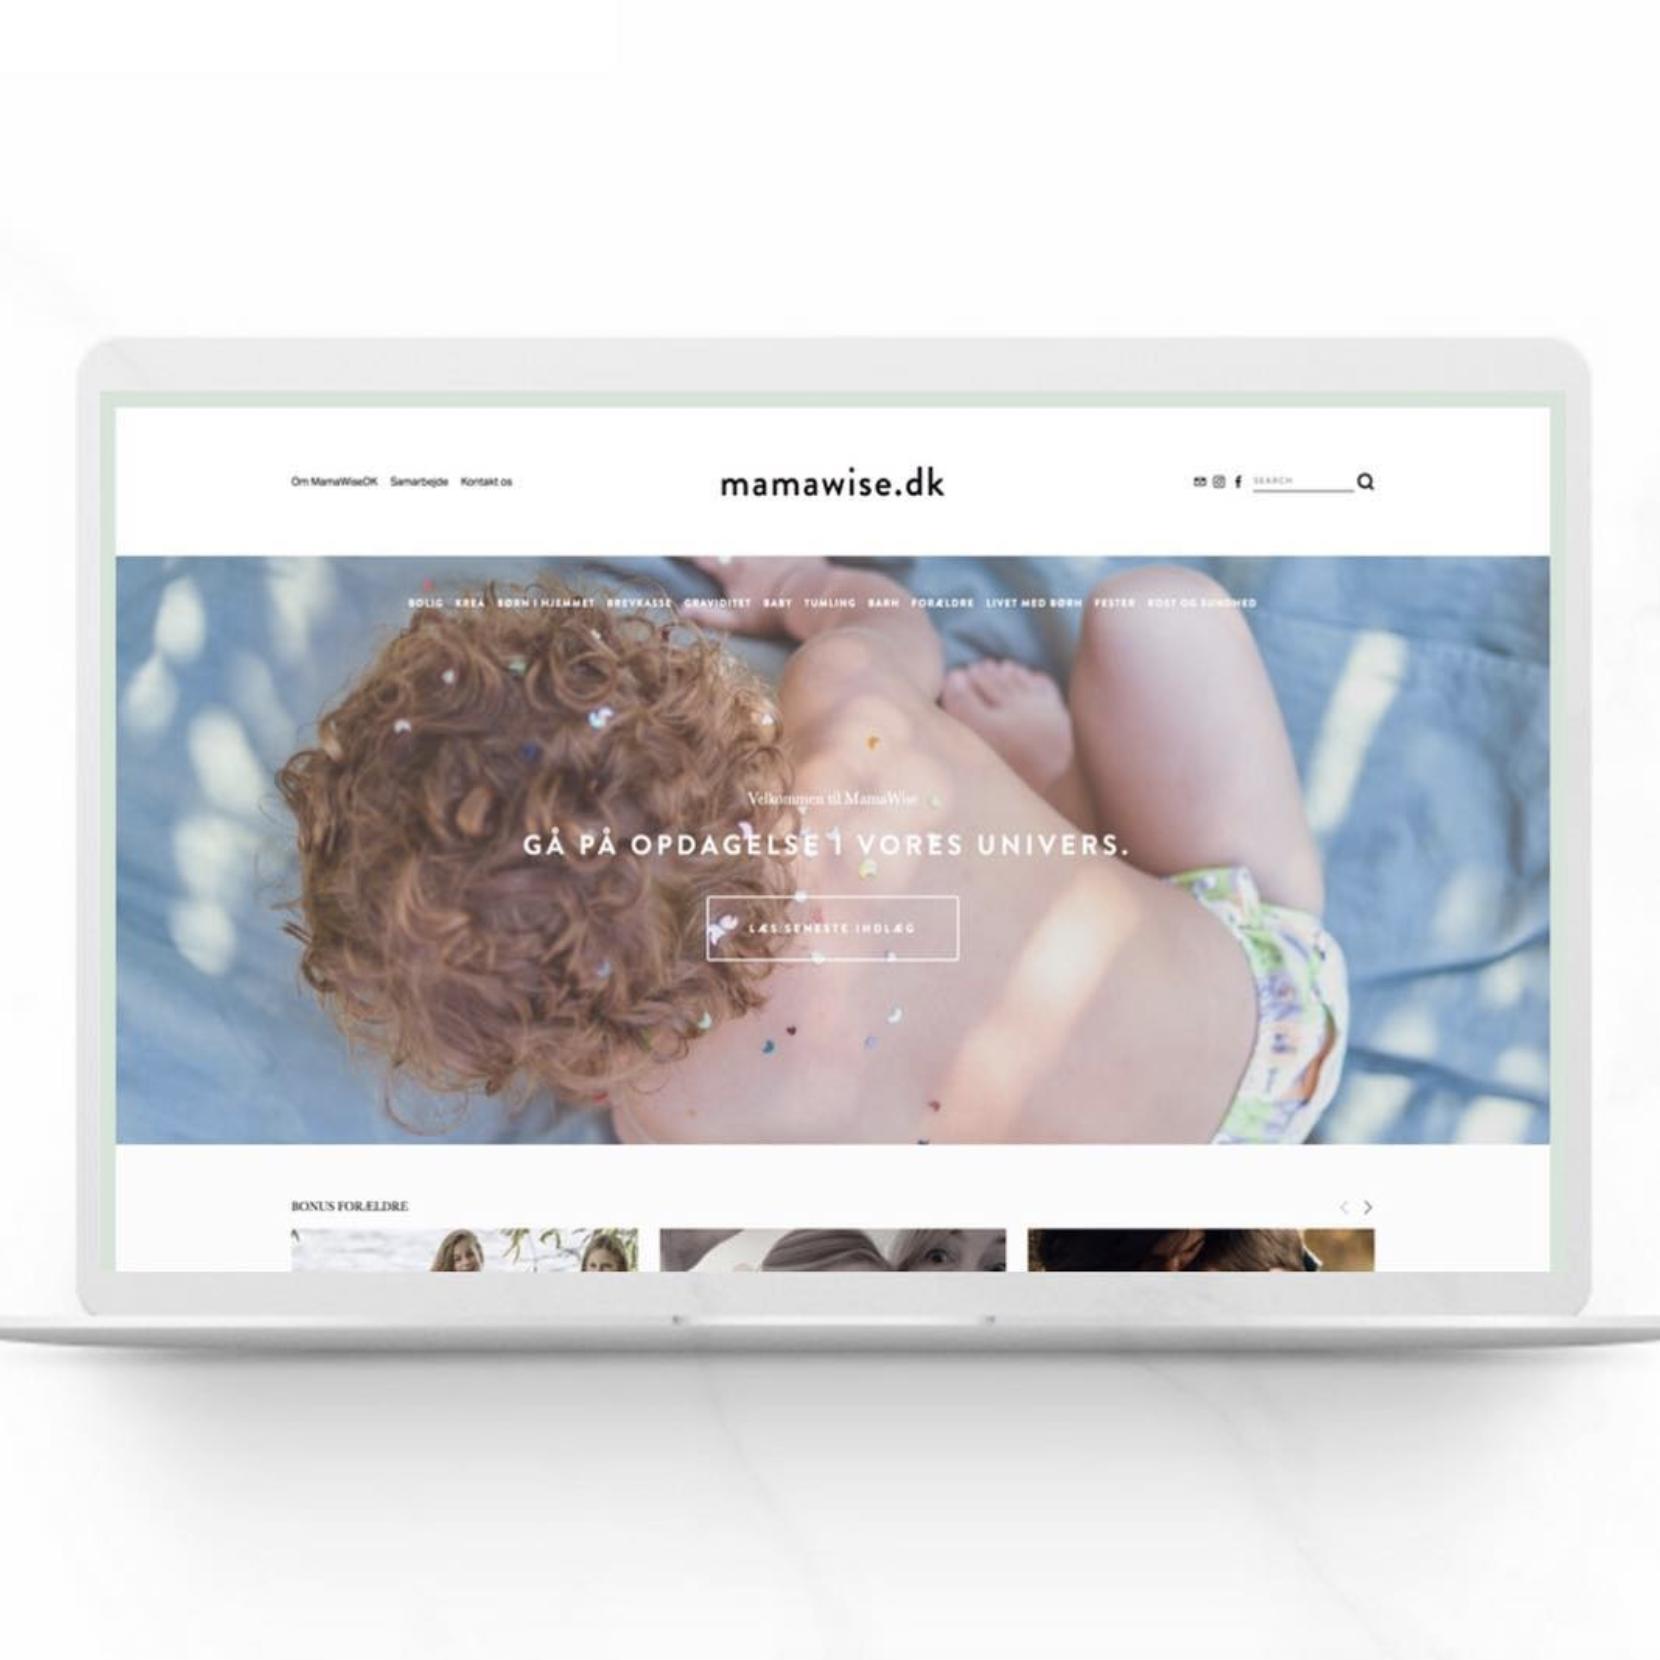 www.mamawise.dk  - Bygget og designet af Amanda Winther Due under vores 6 ugers online forløb.